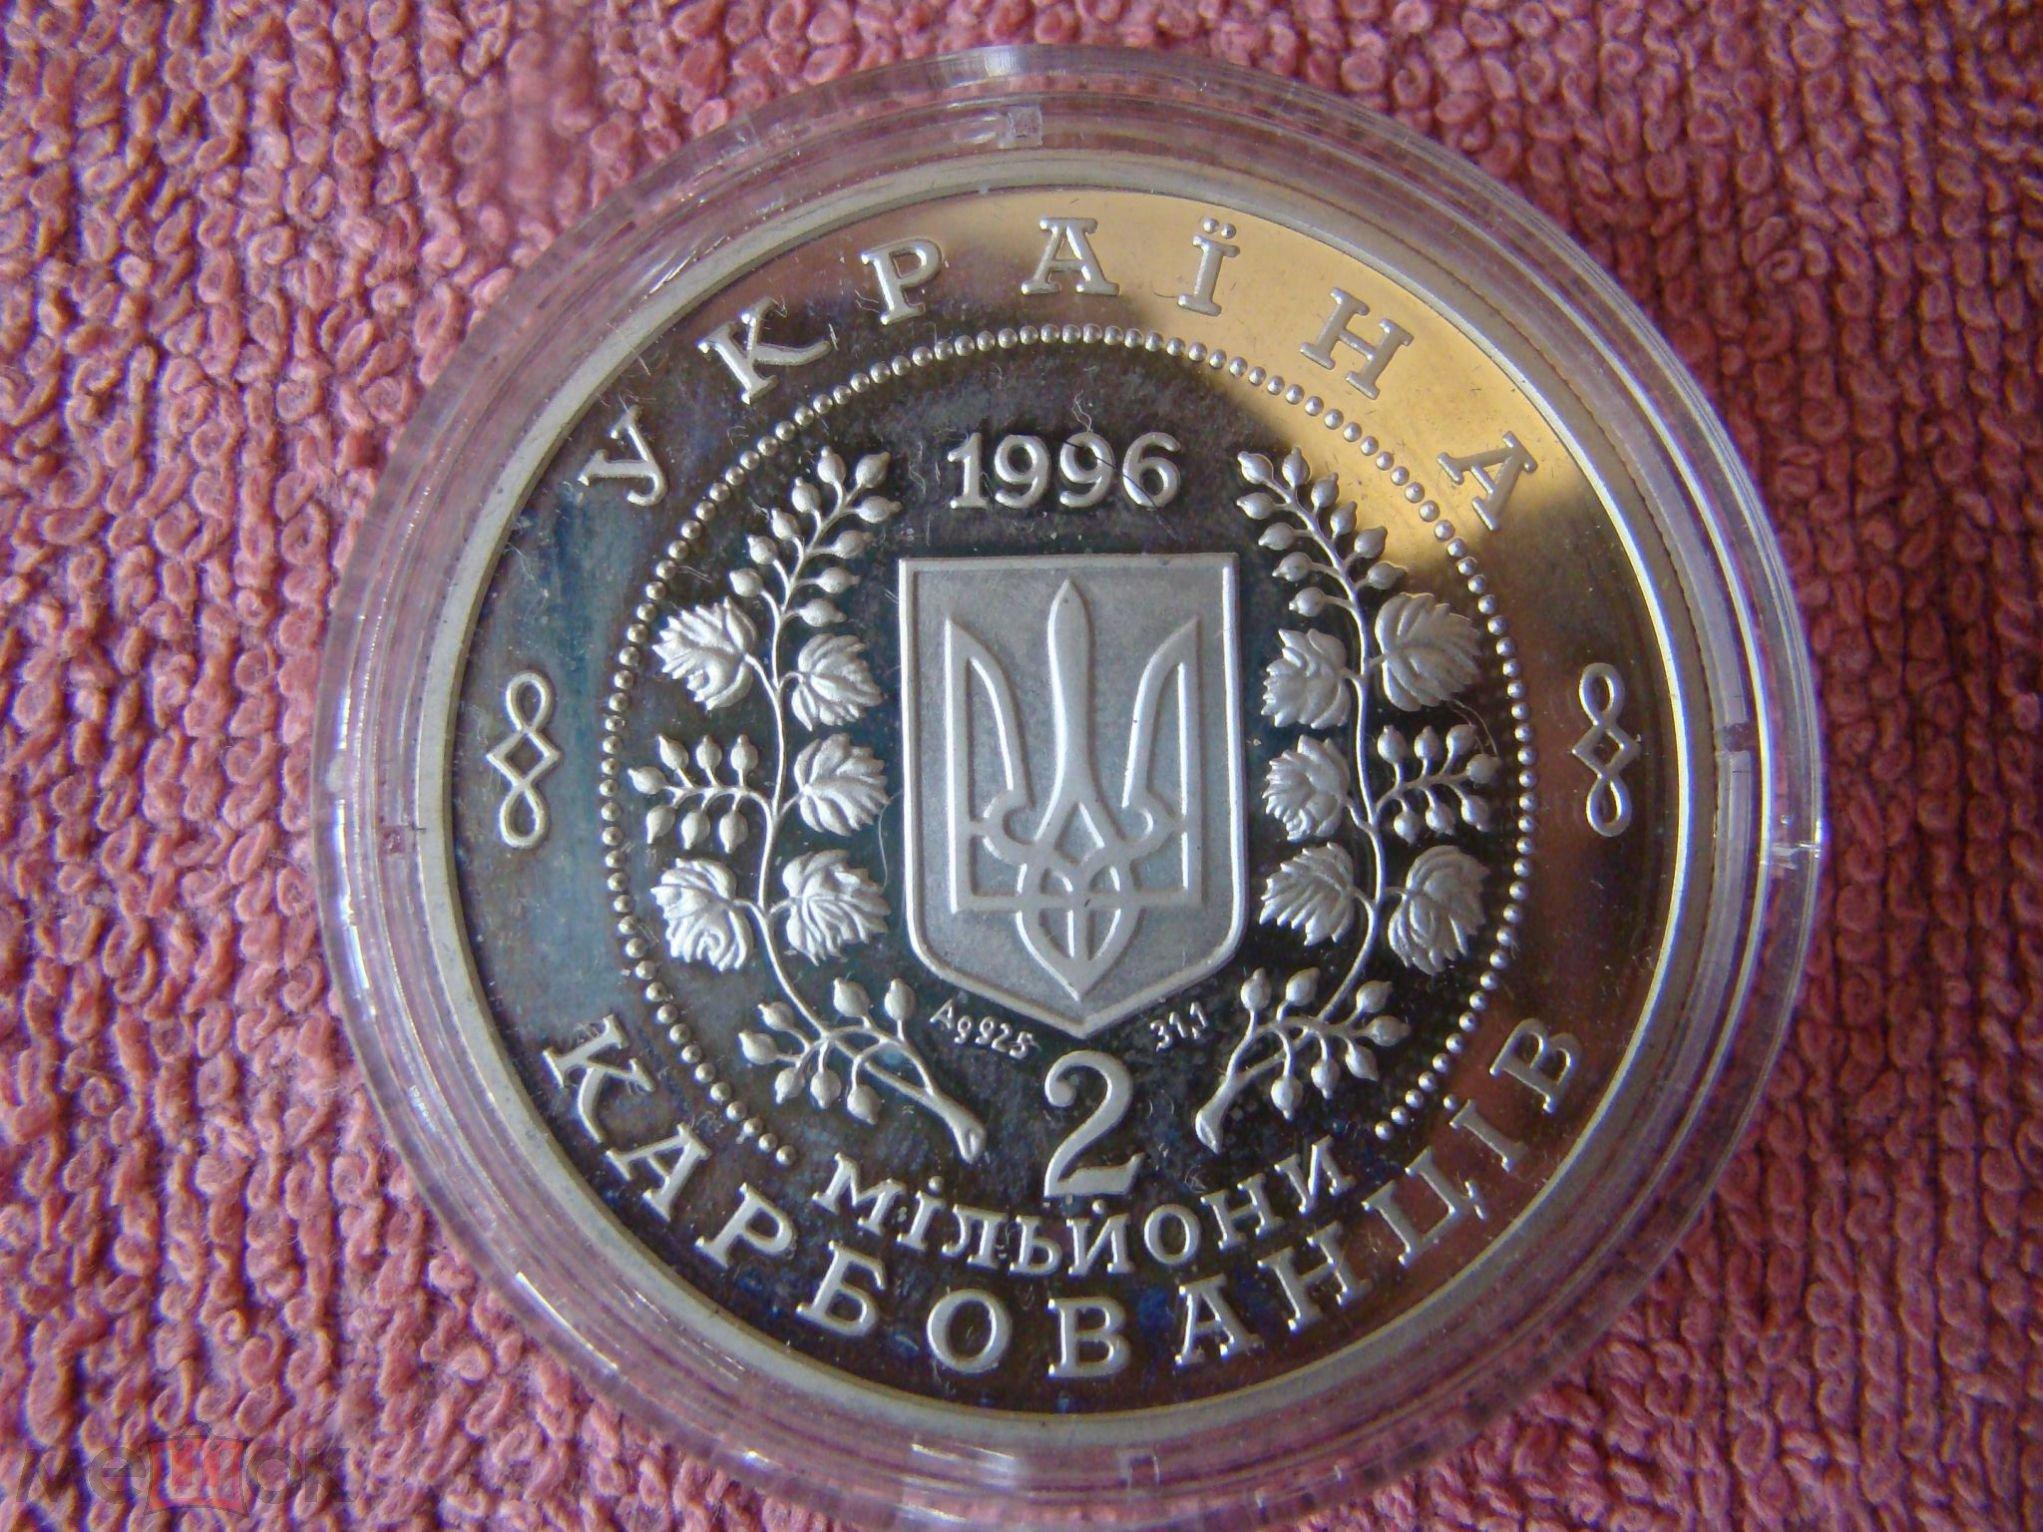 2 миллиона карбованцев 1996 чернобыль цена из какого металла сделаны монеты россии